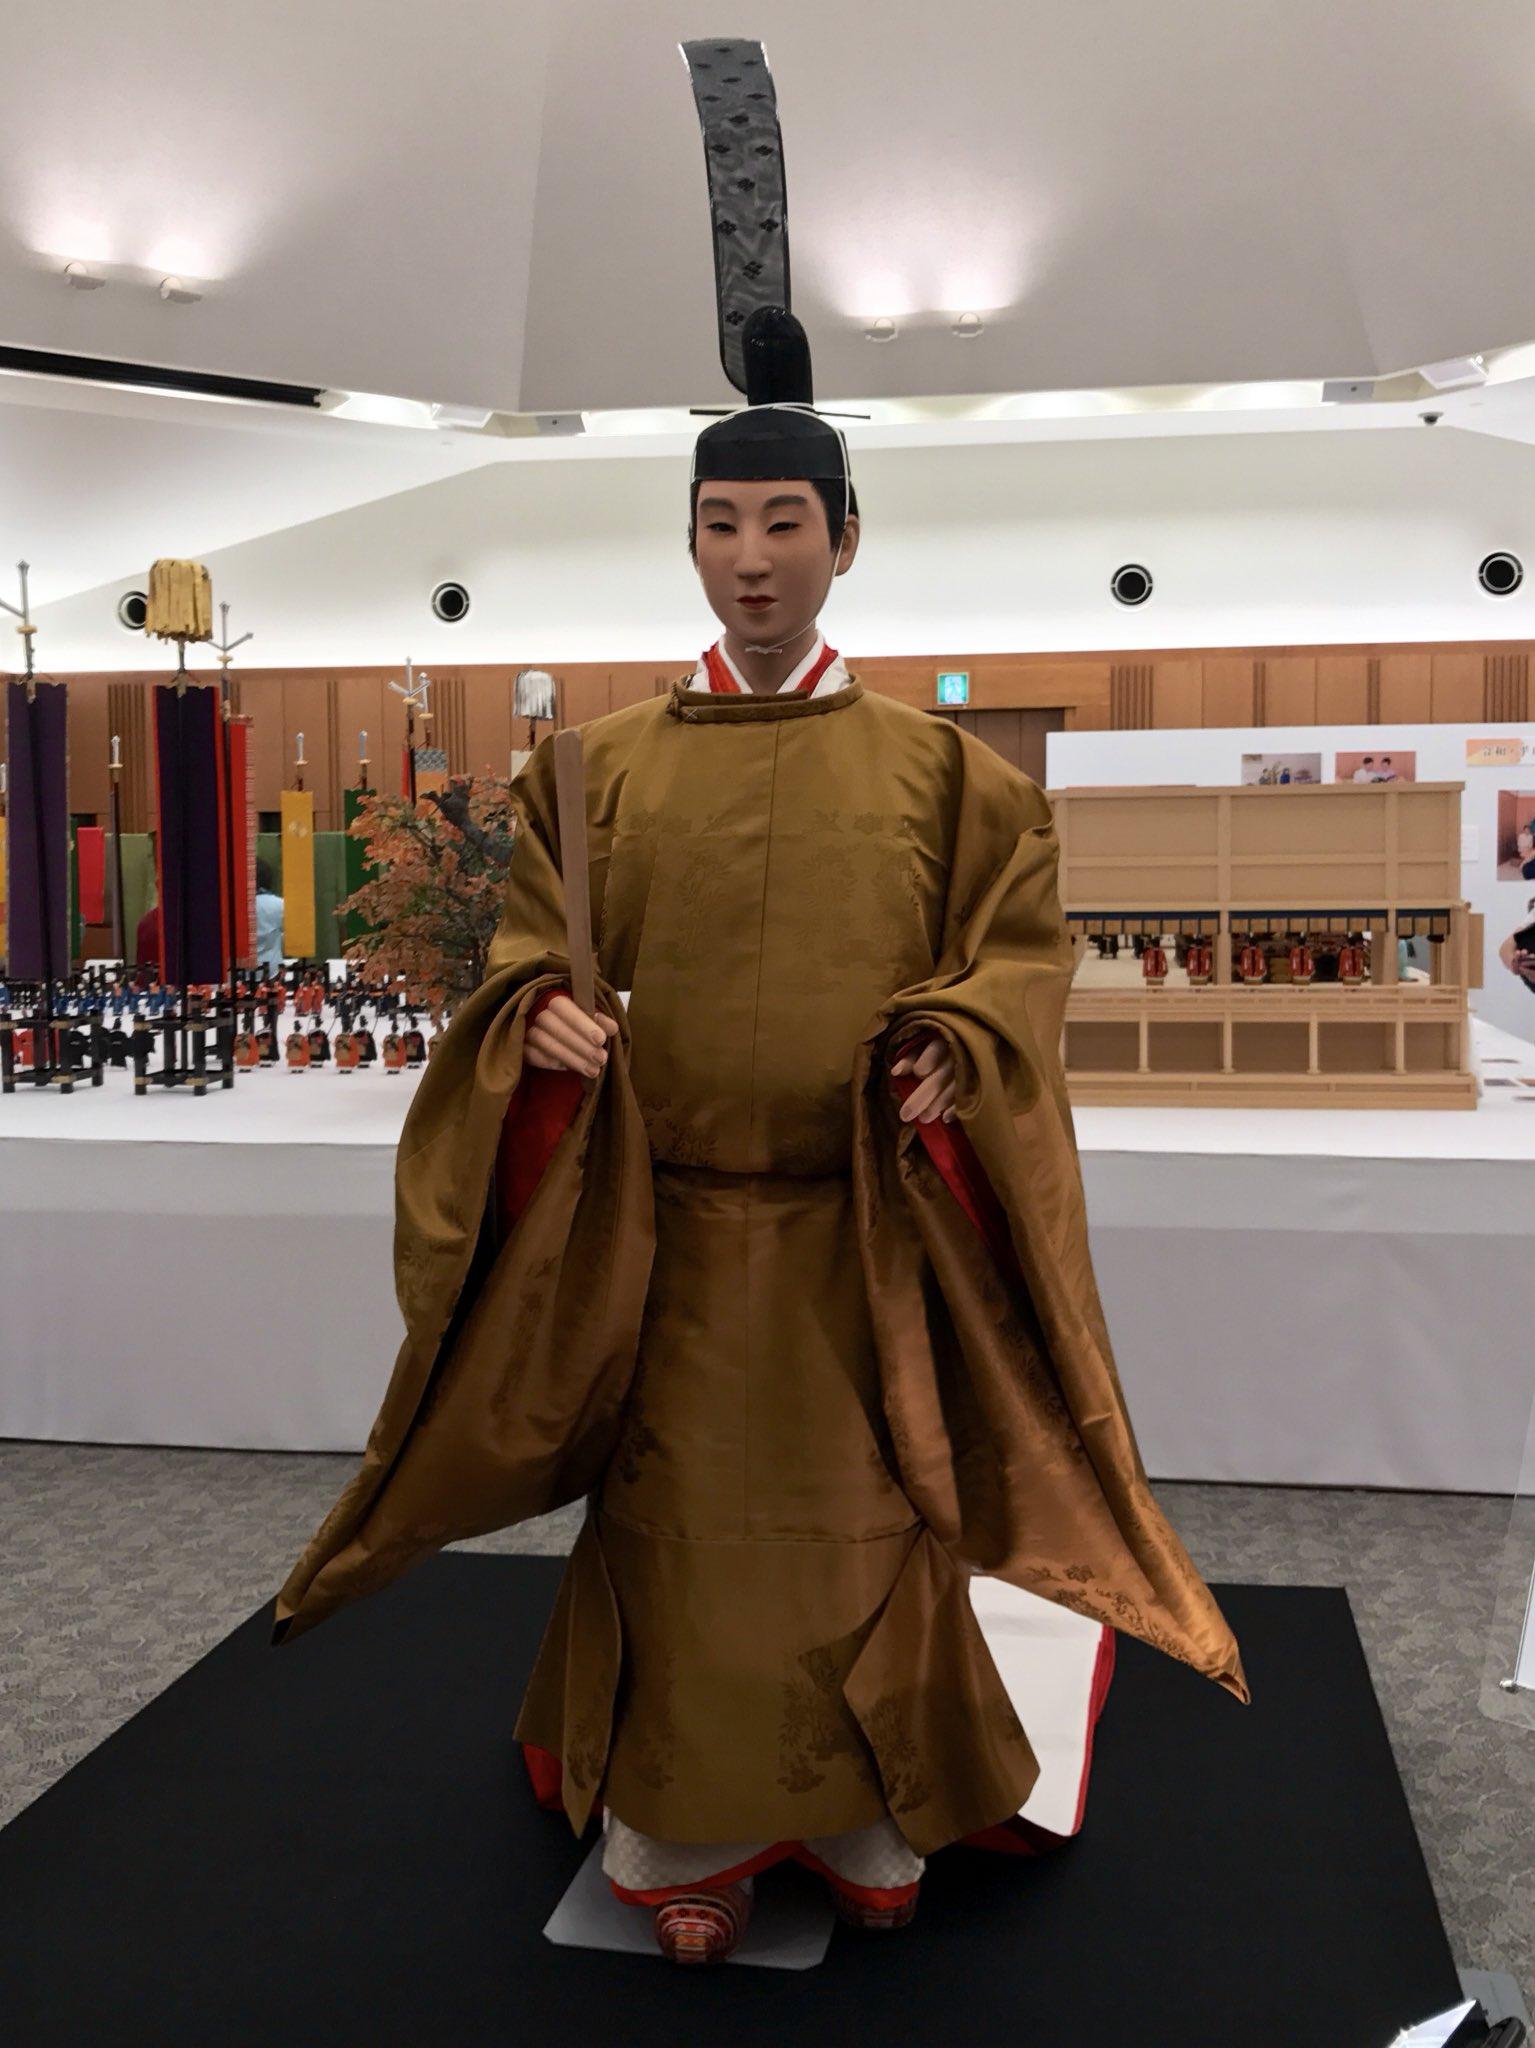 袍_木村岳史(東葛人)onTwitter:近所の麗沢大学で、天皇だけしか